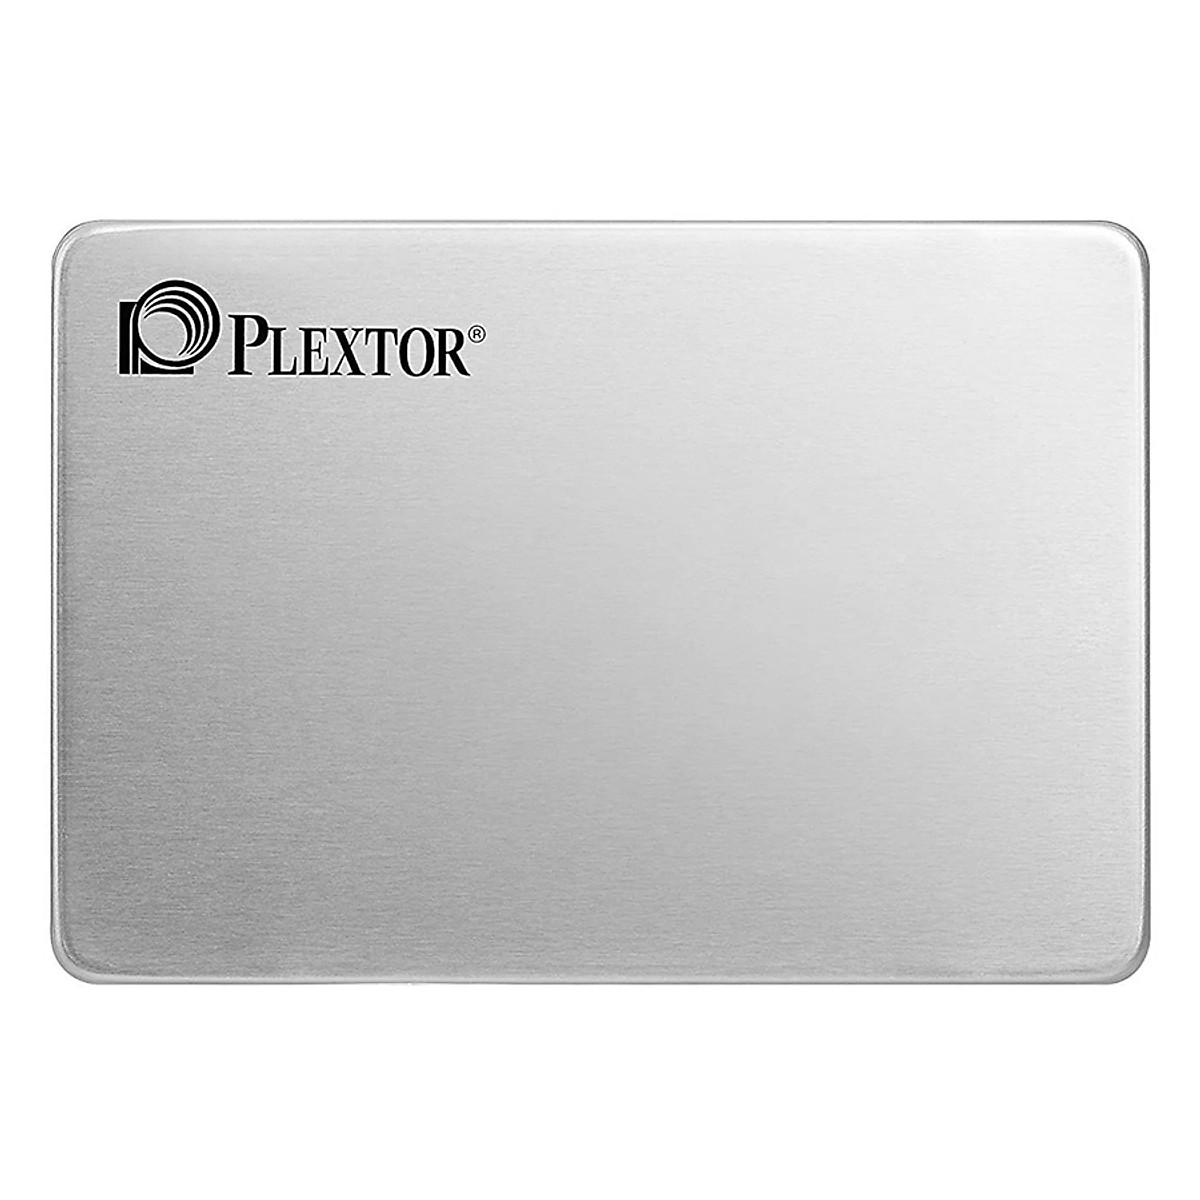 Ổ Cứng SSD Plextor 512GB PX-512 M8VC/M8VG – Hàng Chính Hãng